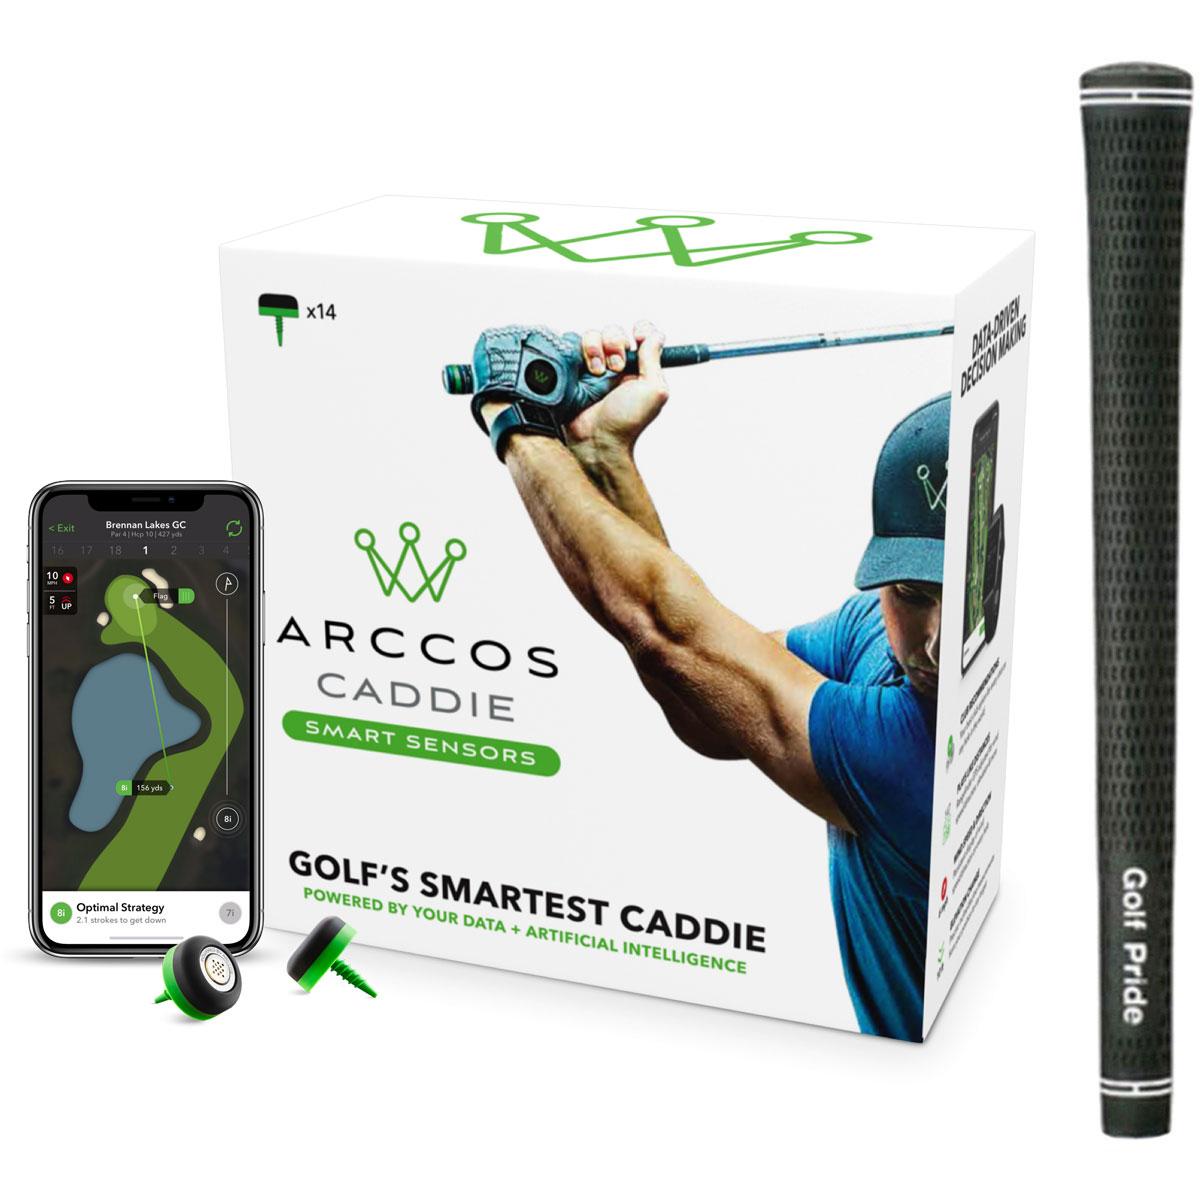 Arccos Caddie Smart Sensors &ツアーベルベット ラバー グリップ 10本セット